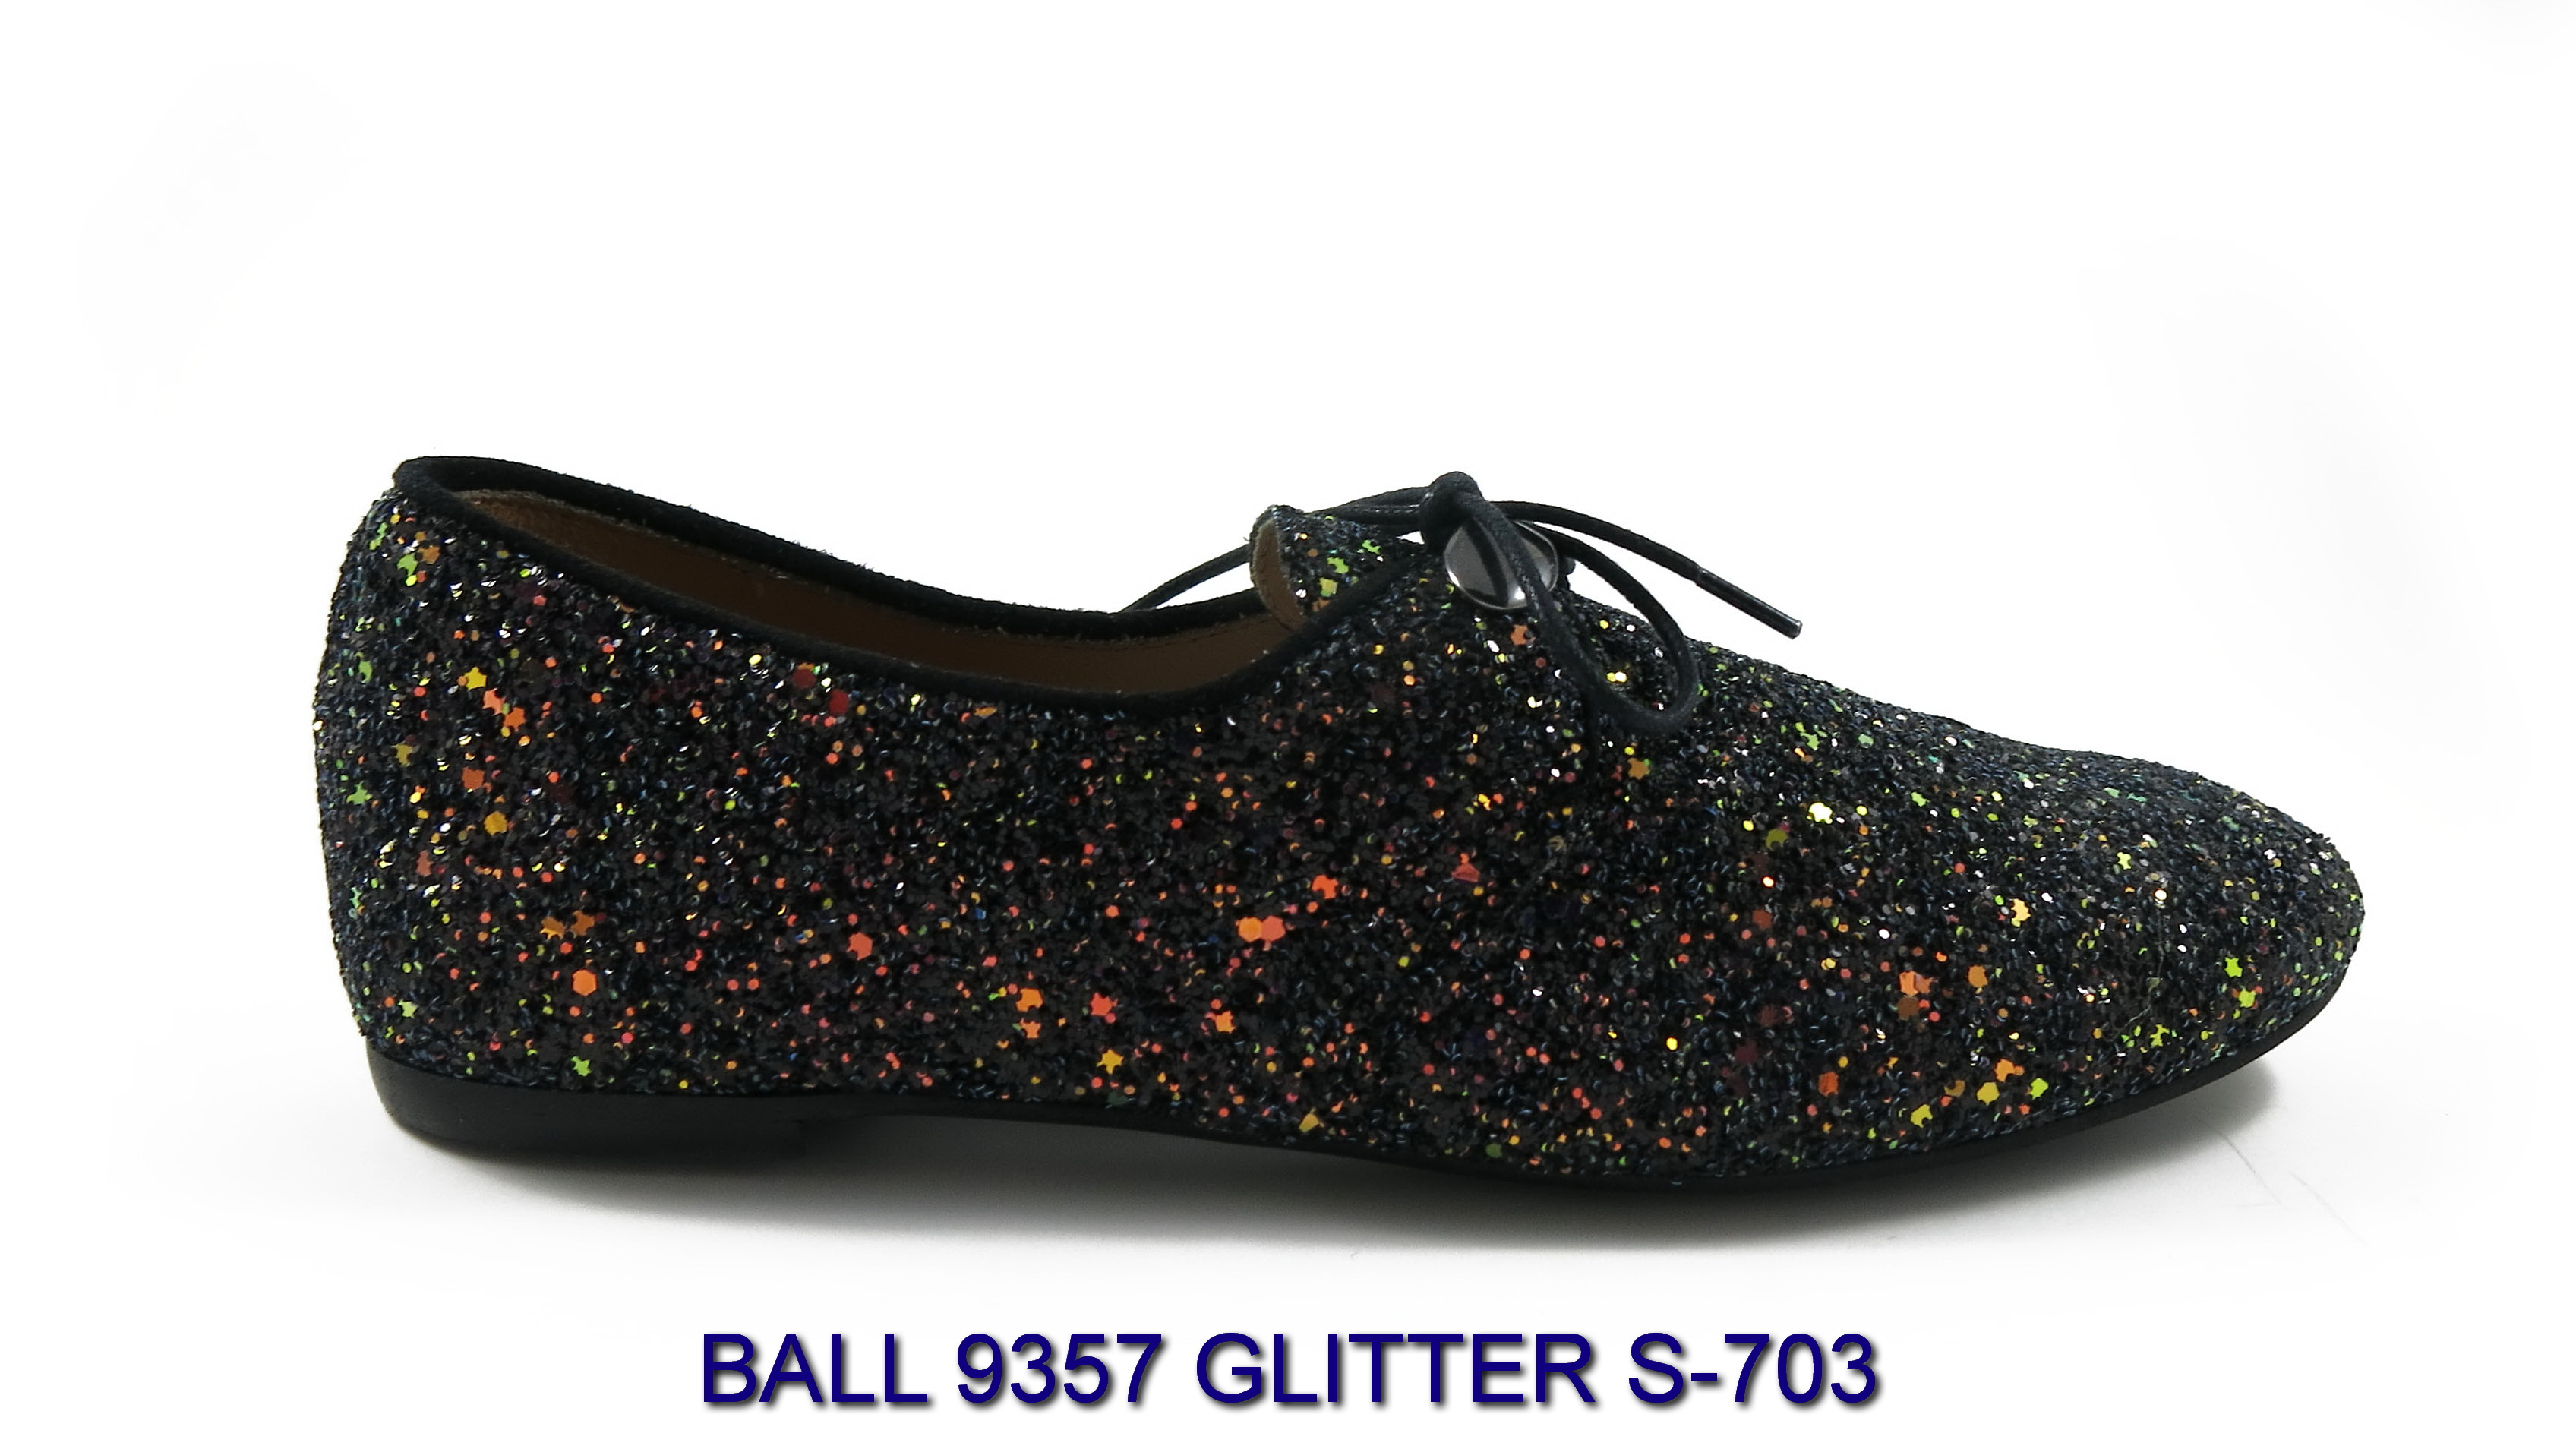 BALL-9357-GLITTER-S-703